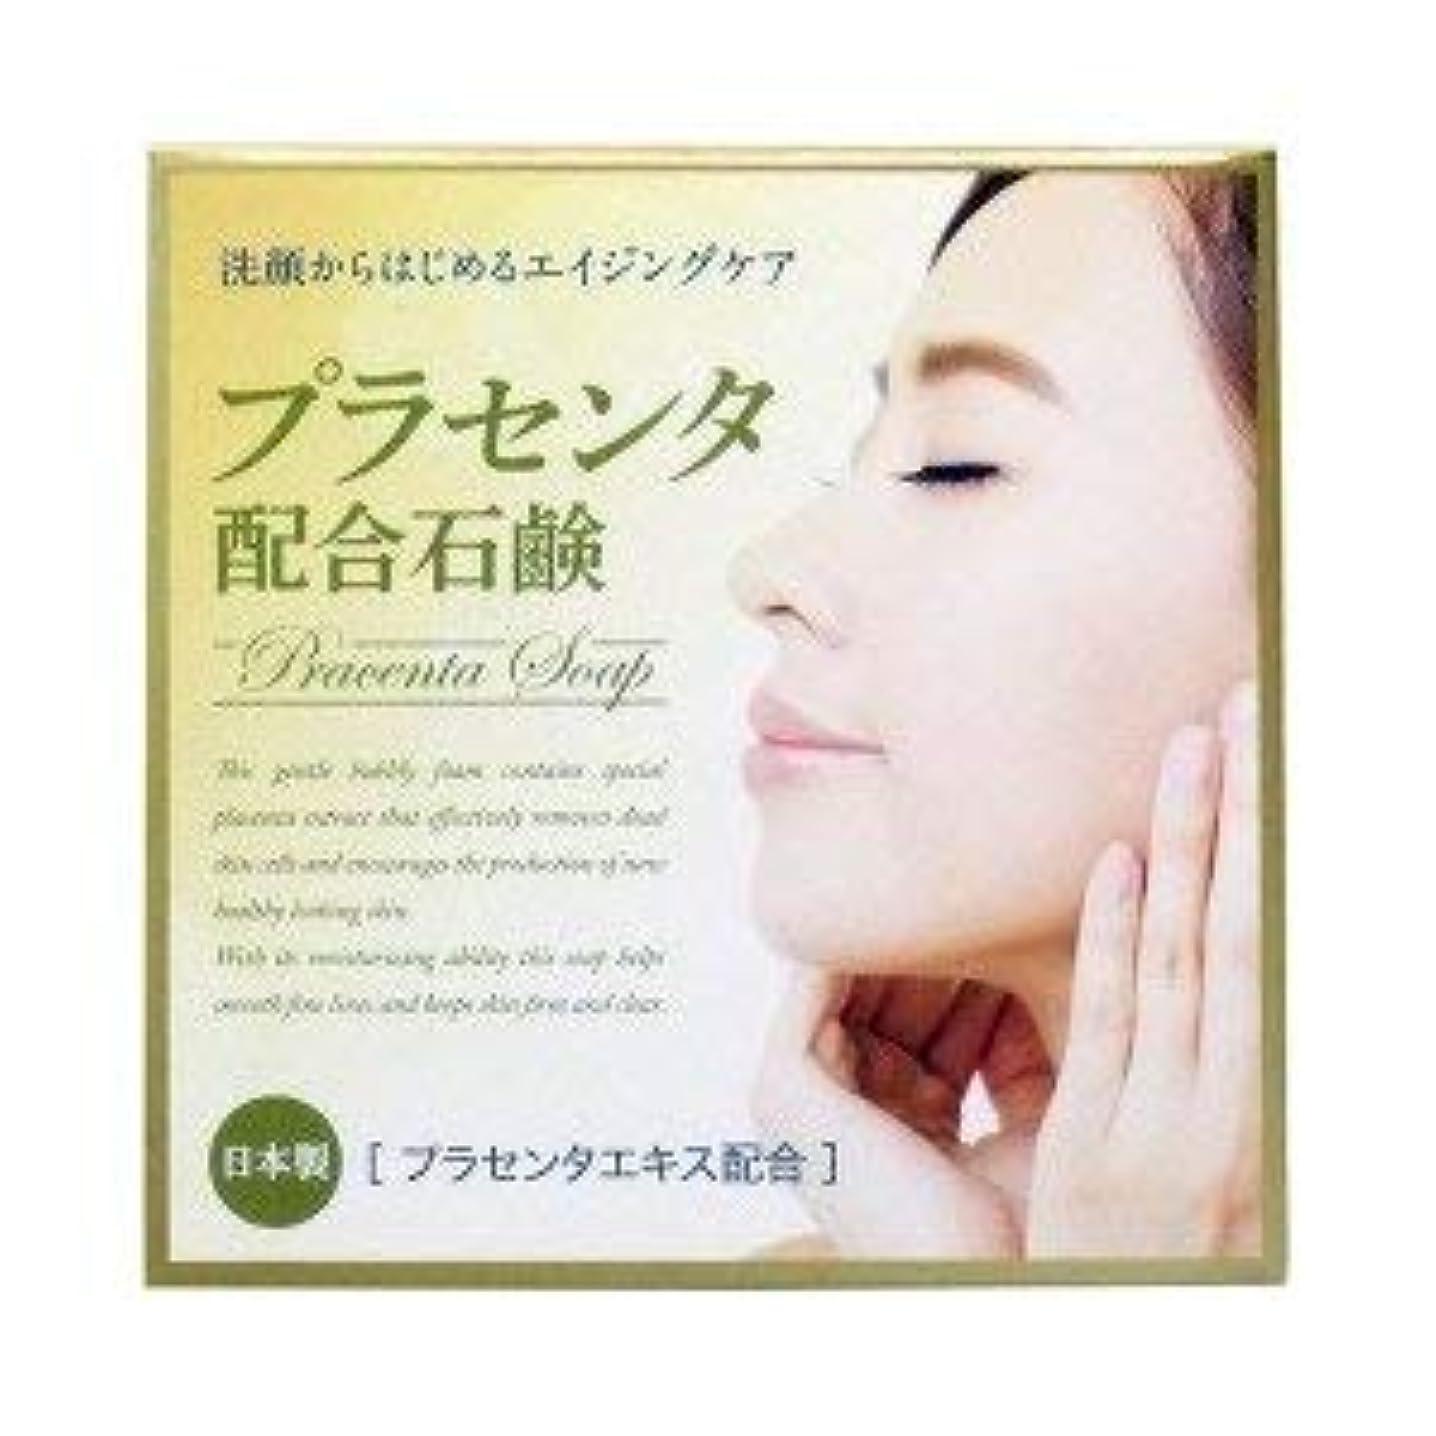 唇ダウンタウン温室プラセンタ配合石鹸 80g×2 2個1セット プラセンタエキス保湿成分配合 日本製